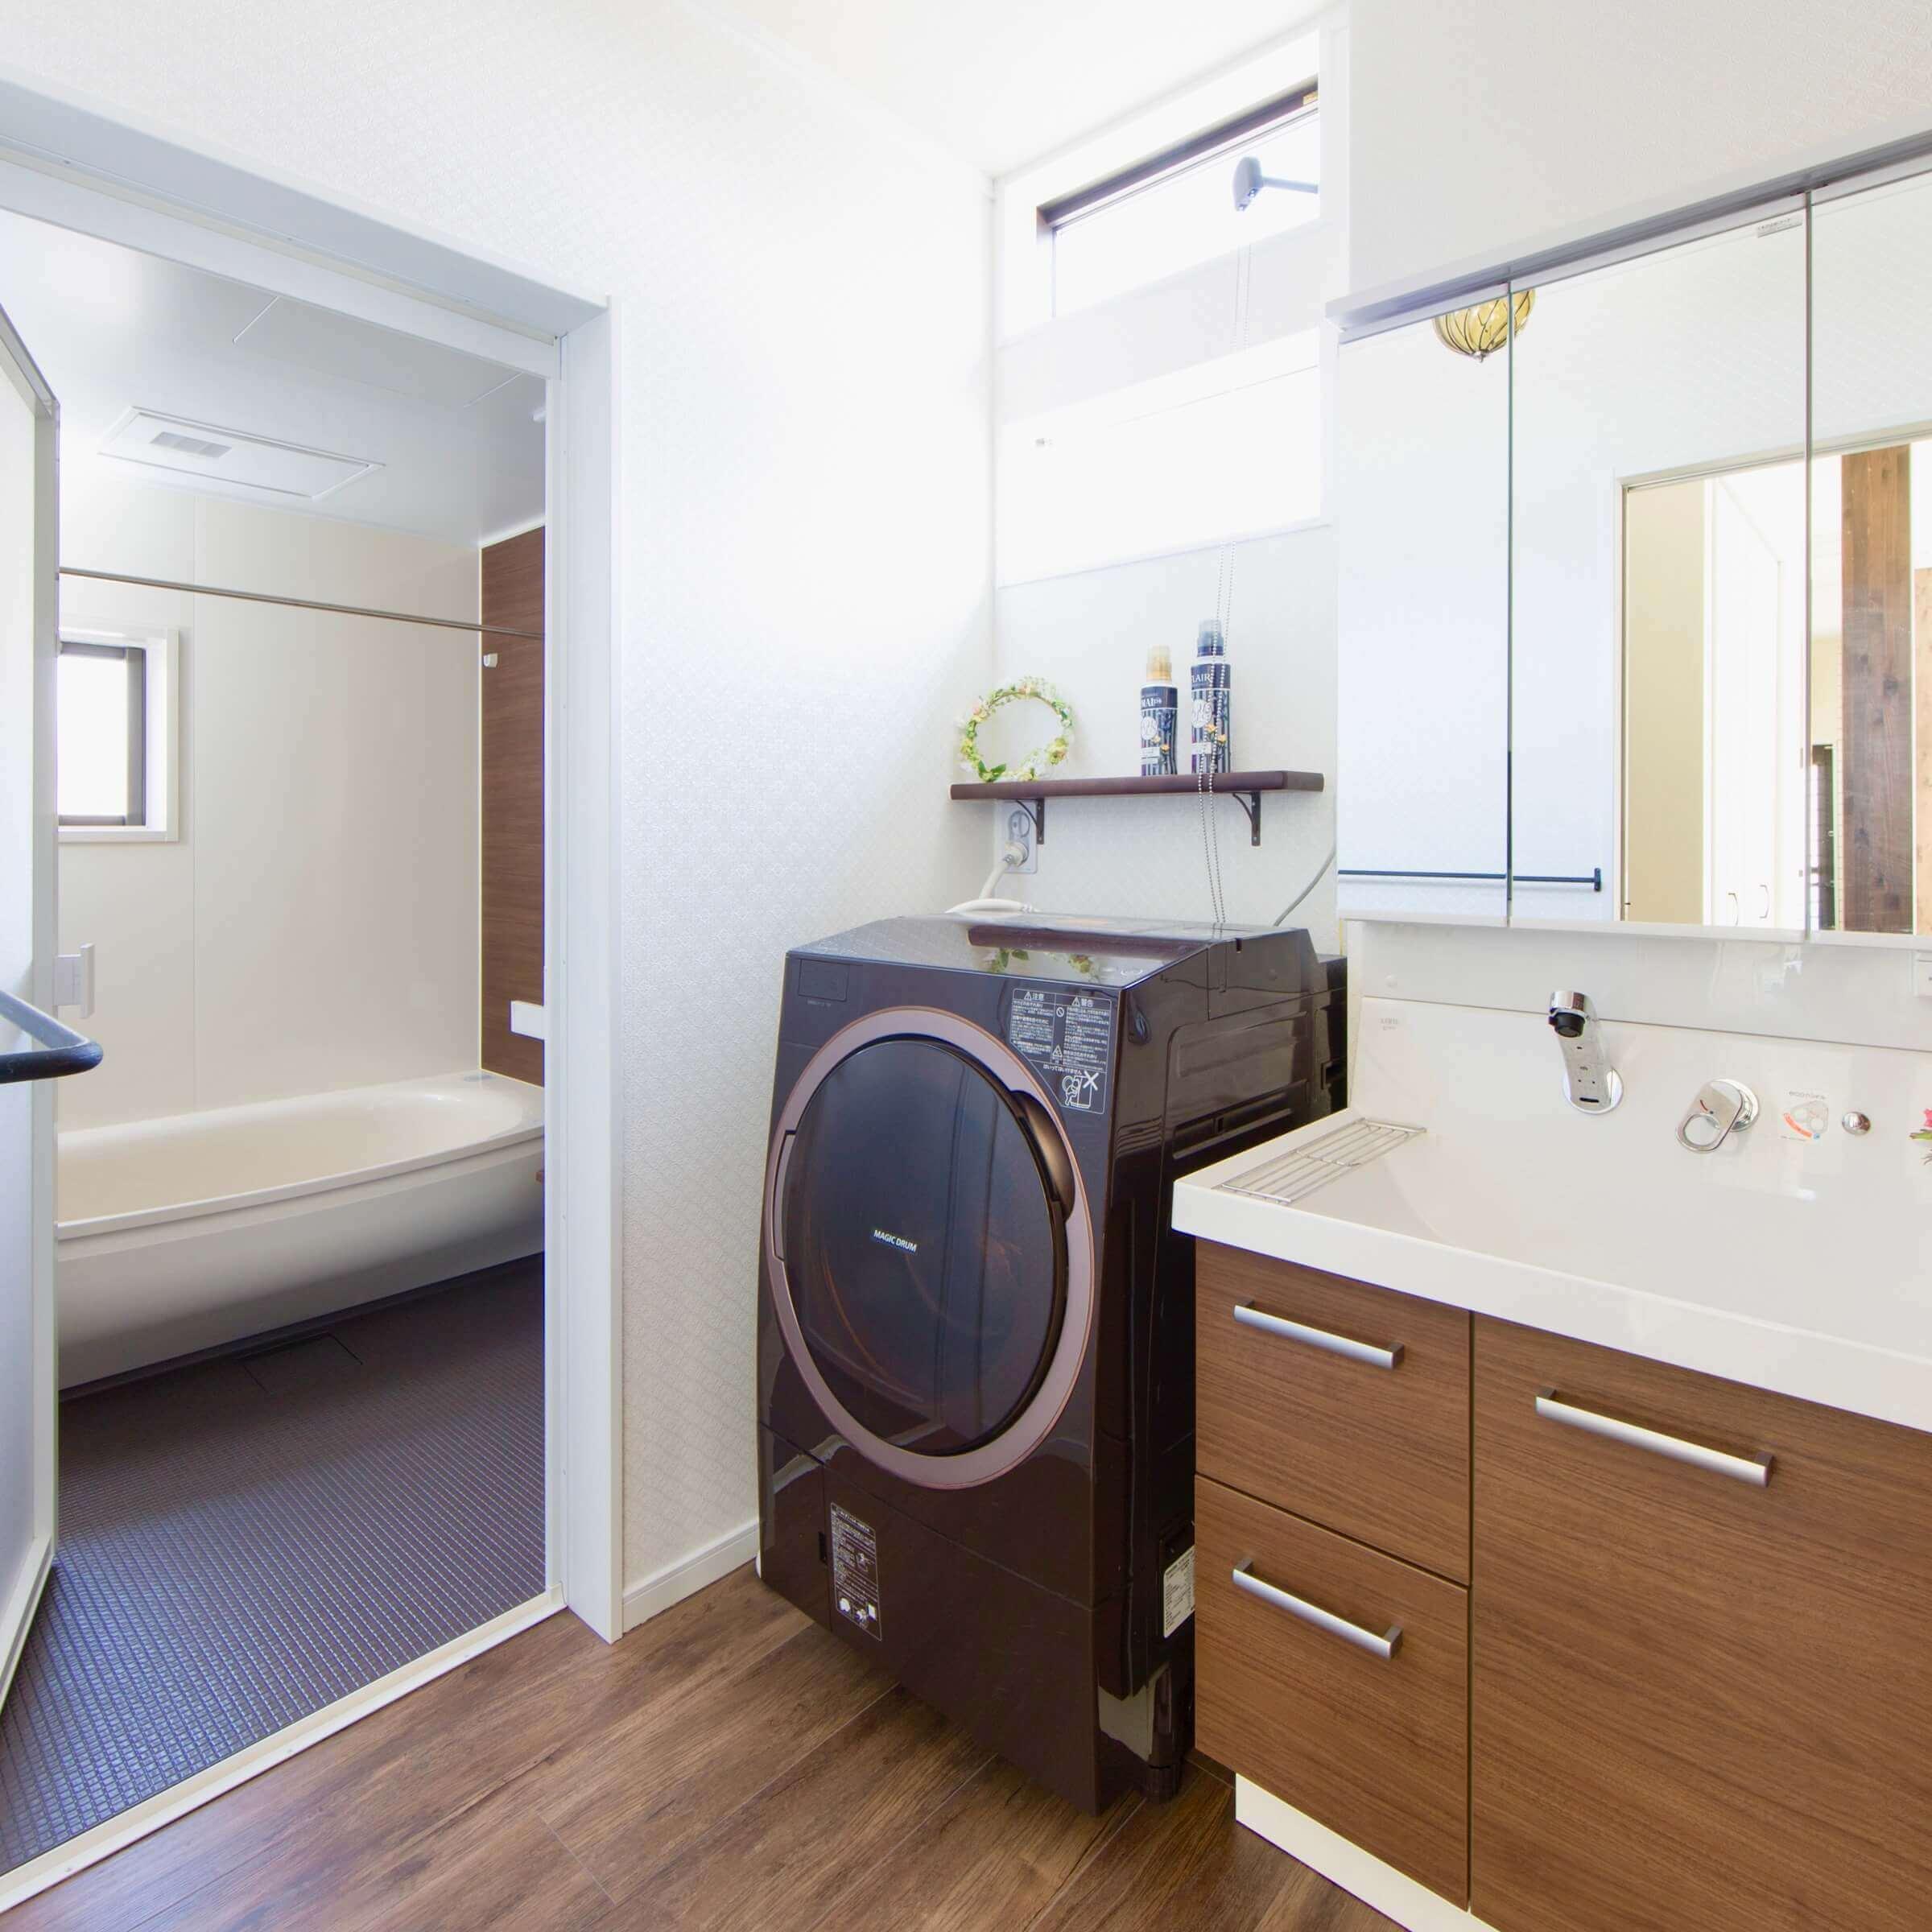 鹿沼市の注文住宅事例 洗面脱衣室